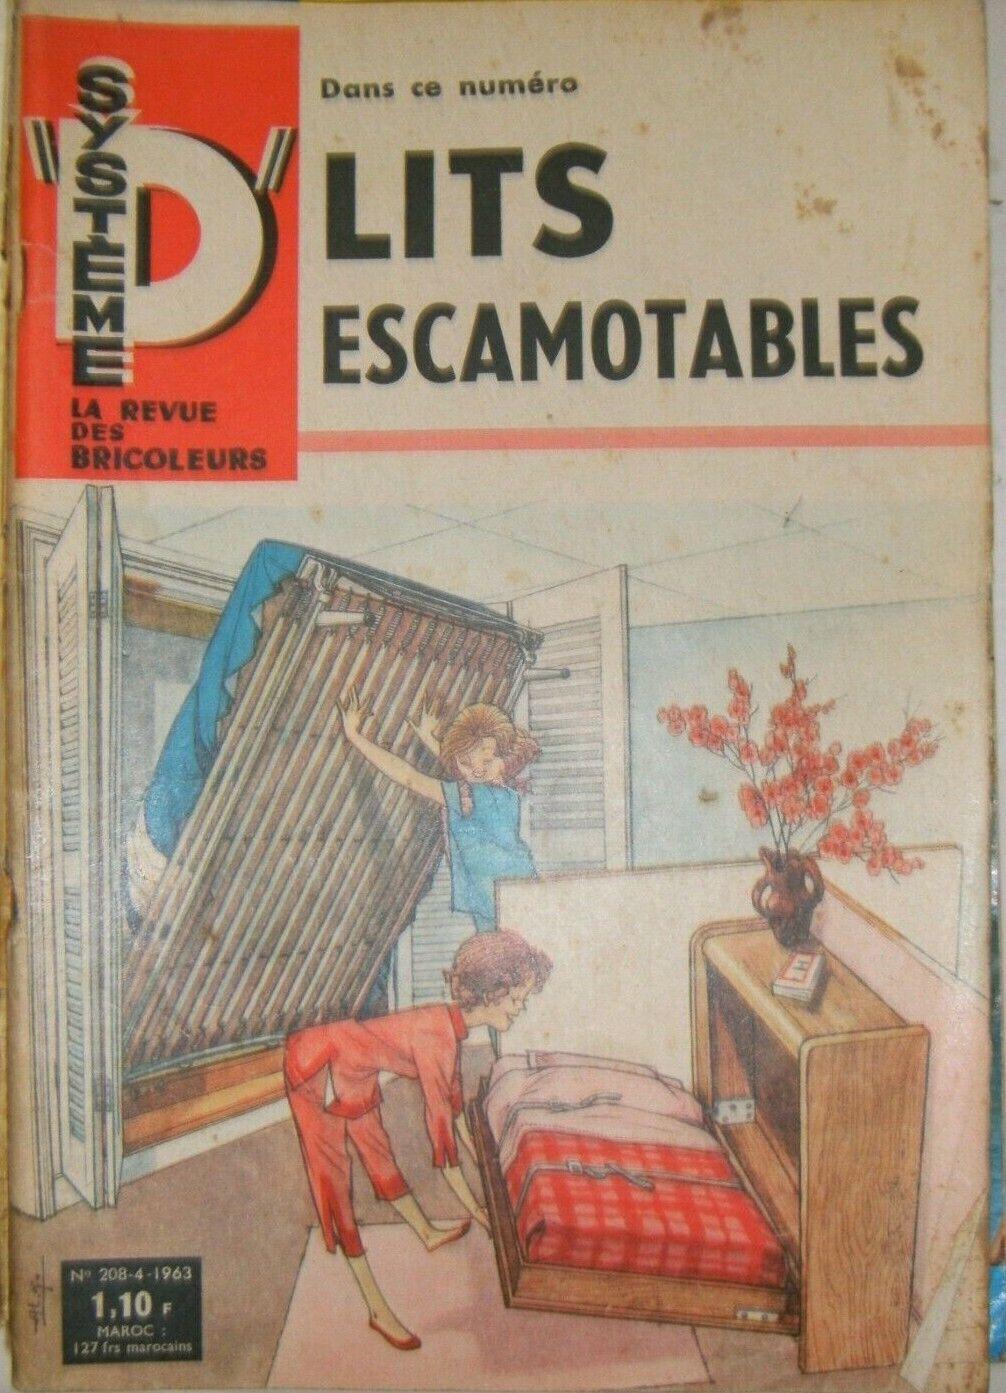 Système d n° 208 1963 diy bricolage récup lits escamotables volière meuble radio